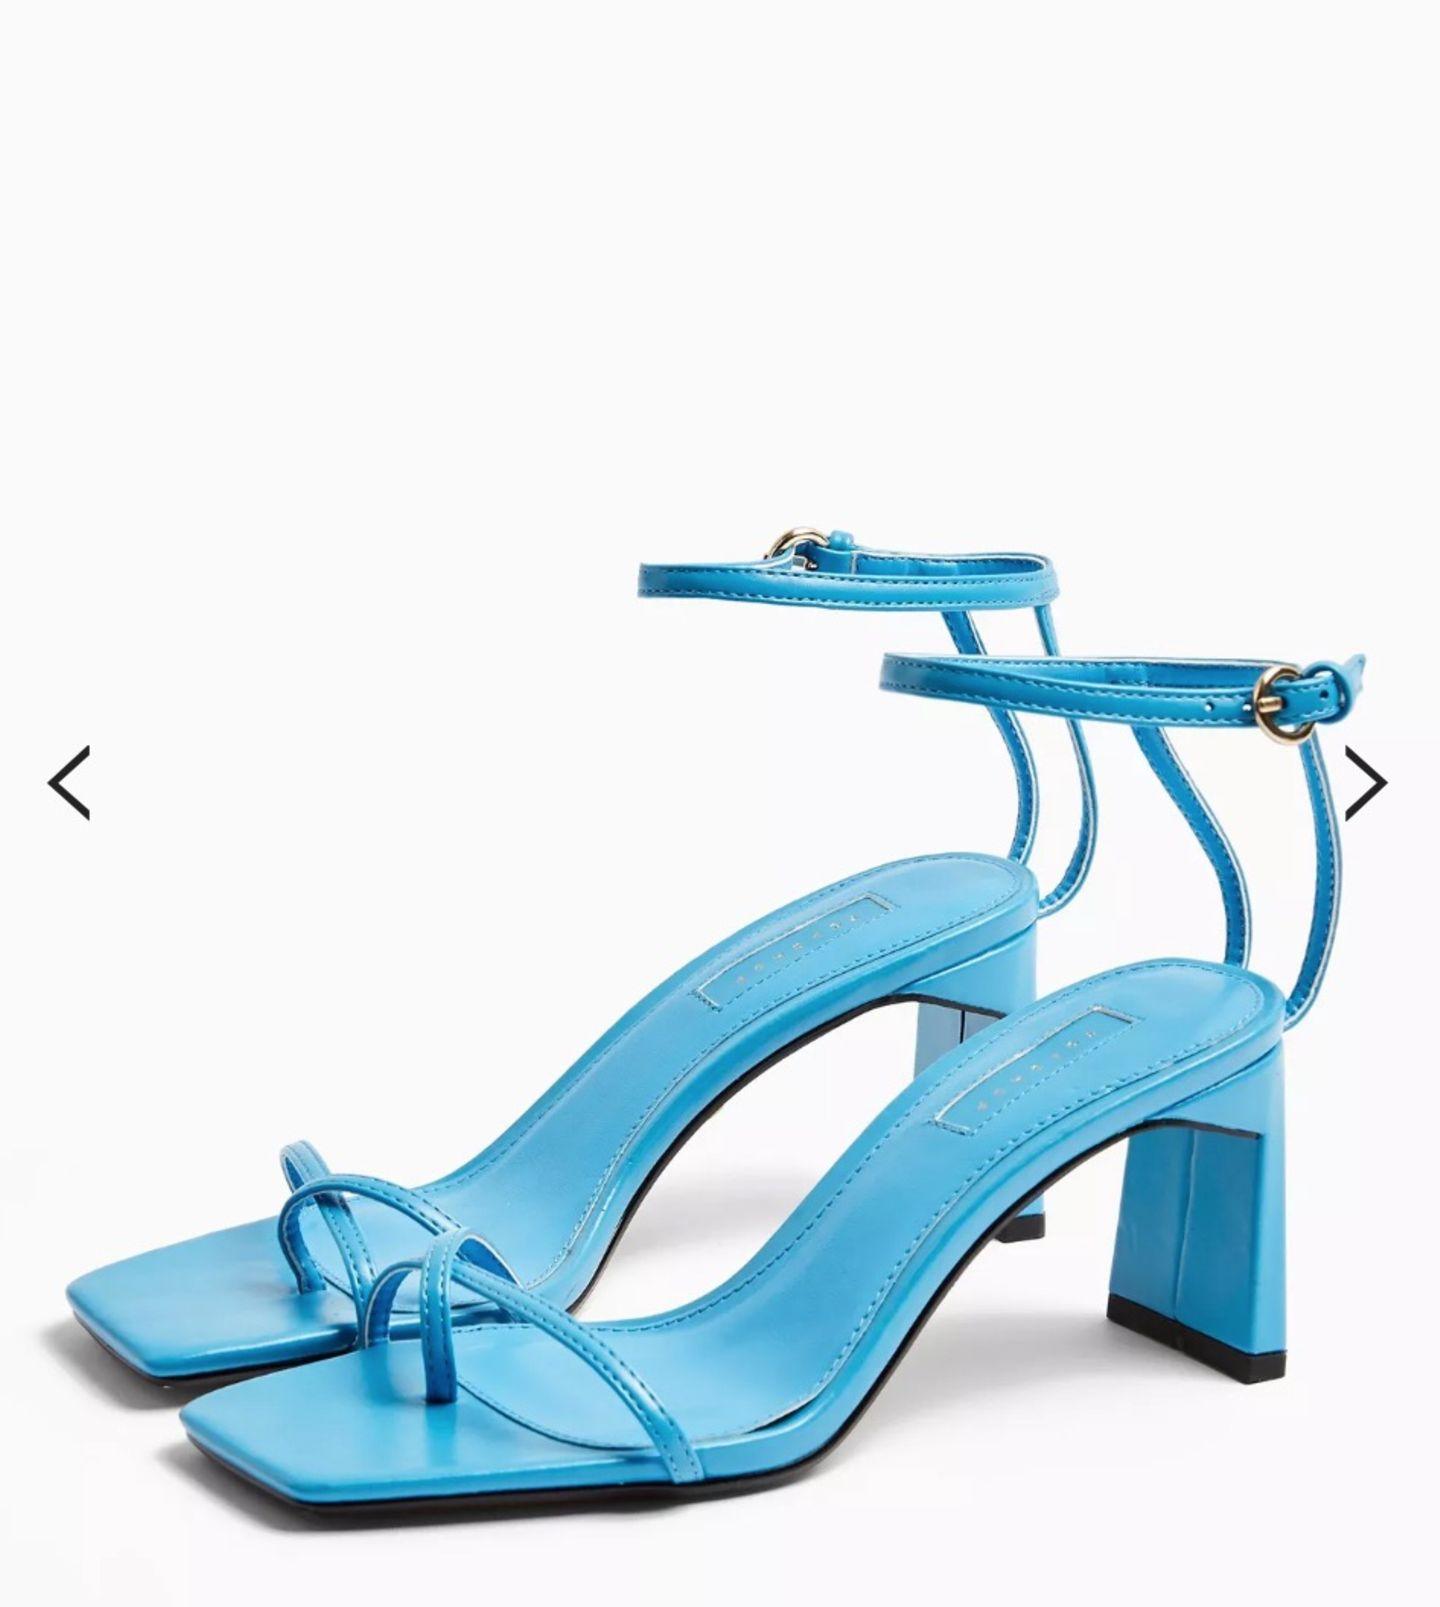 Die Influencer dieser Welt verlassen das Haus nicht mehr ohne blaue Sandalen, investieren für ihre Treter aber gut und gerne mal ein ein halbes Nettogehalt. Wir sind schlauer und shoppen diese Lookalikes für 57 Euro und heben unseren Look damit genauso aufs nächste Style-Level. Von Topshop.